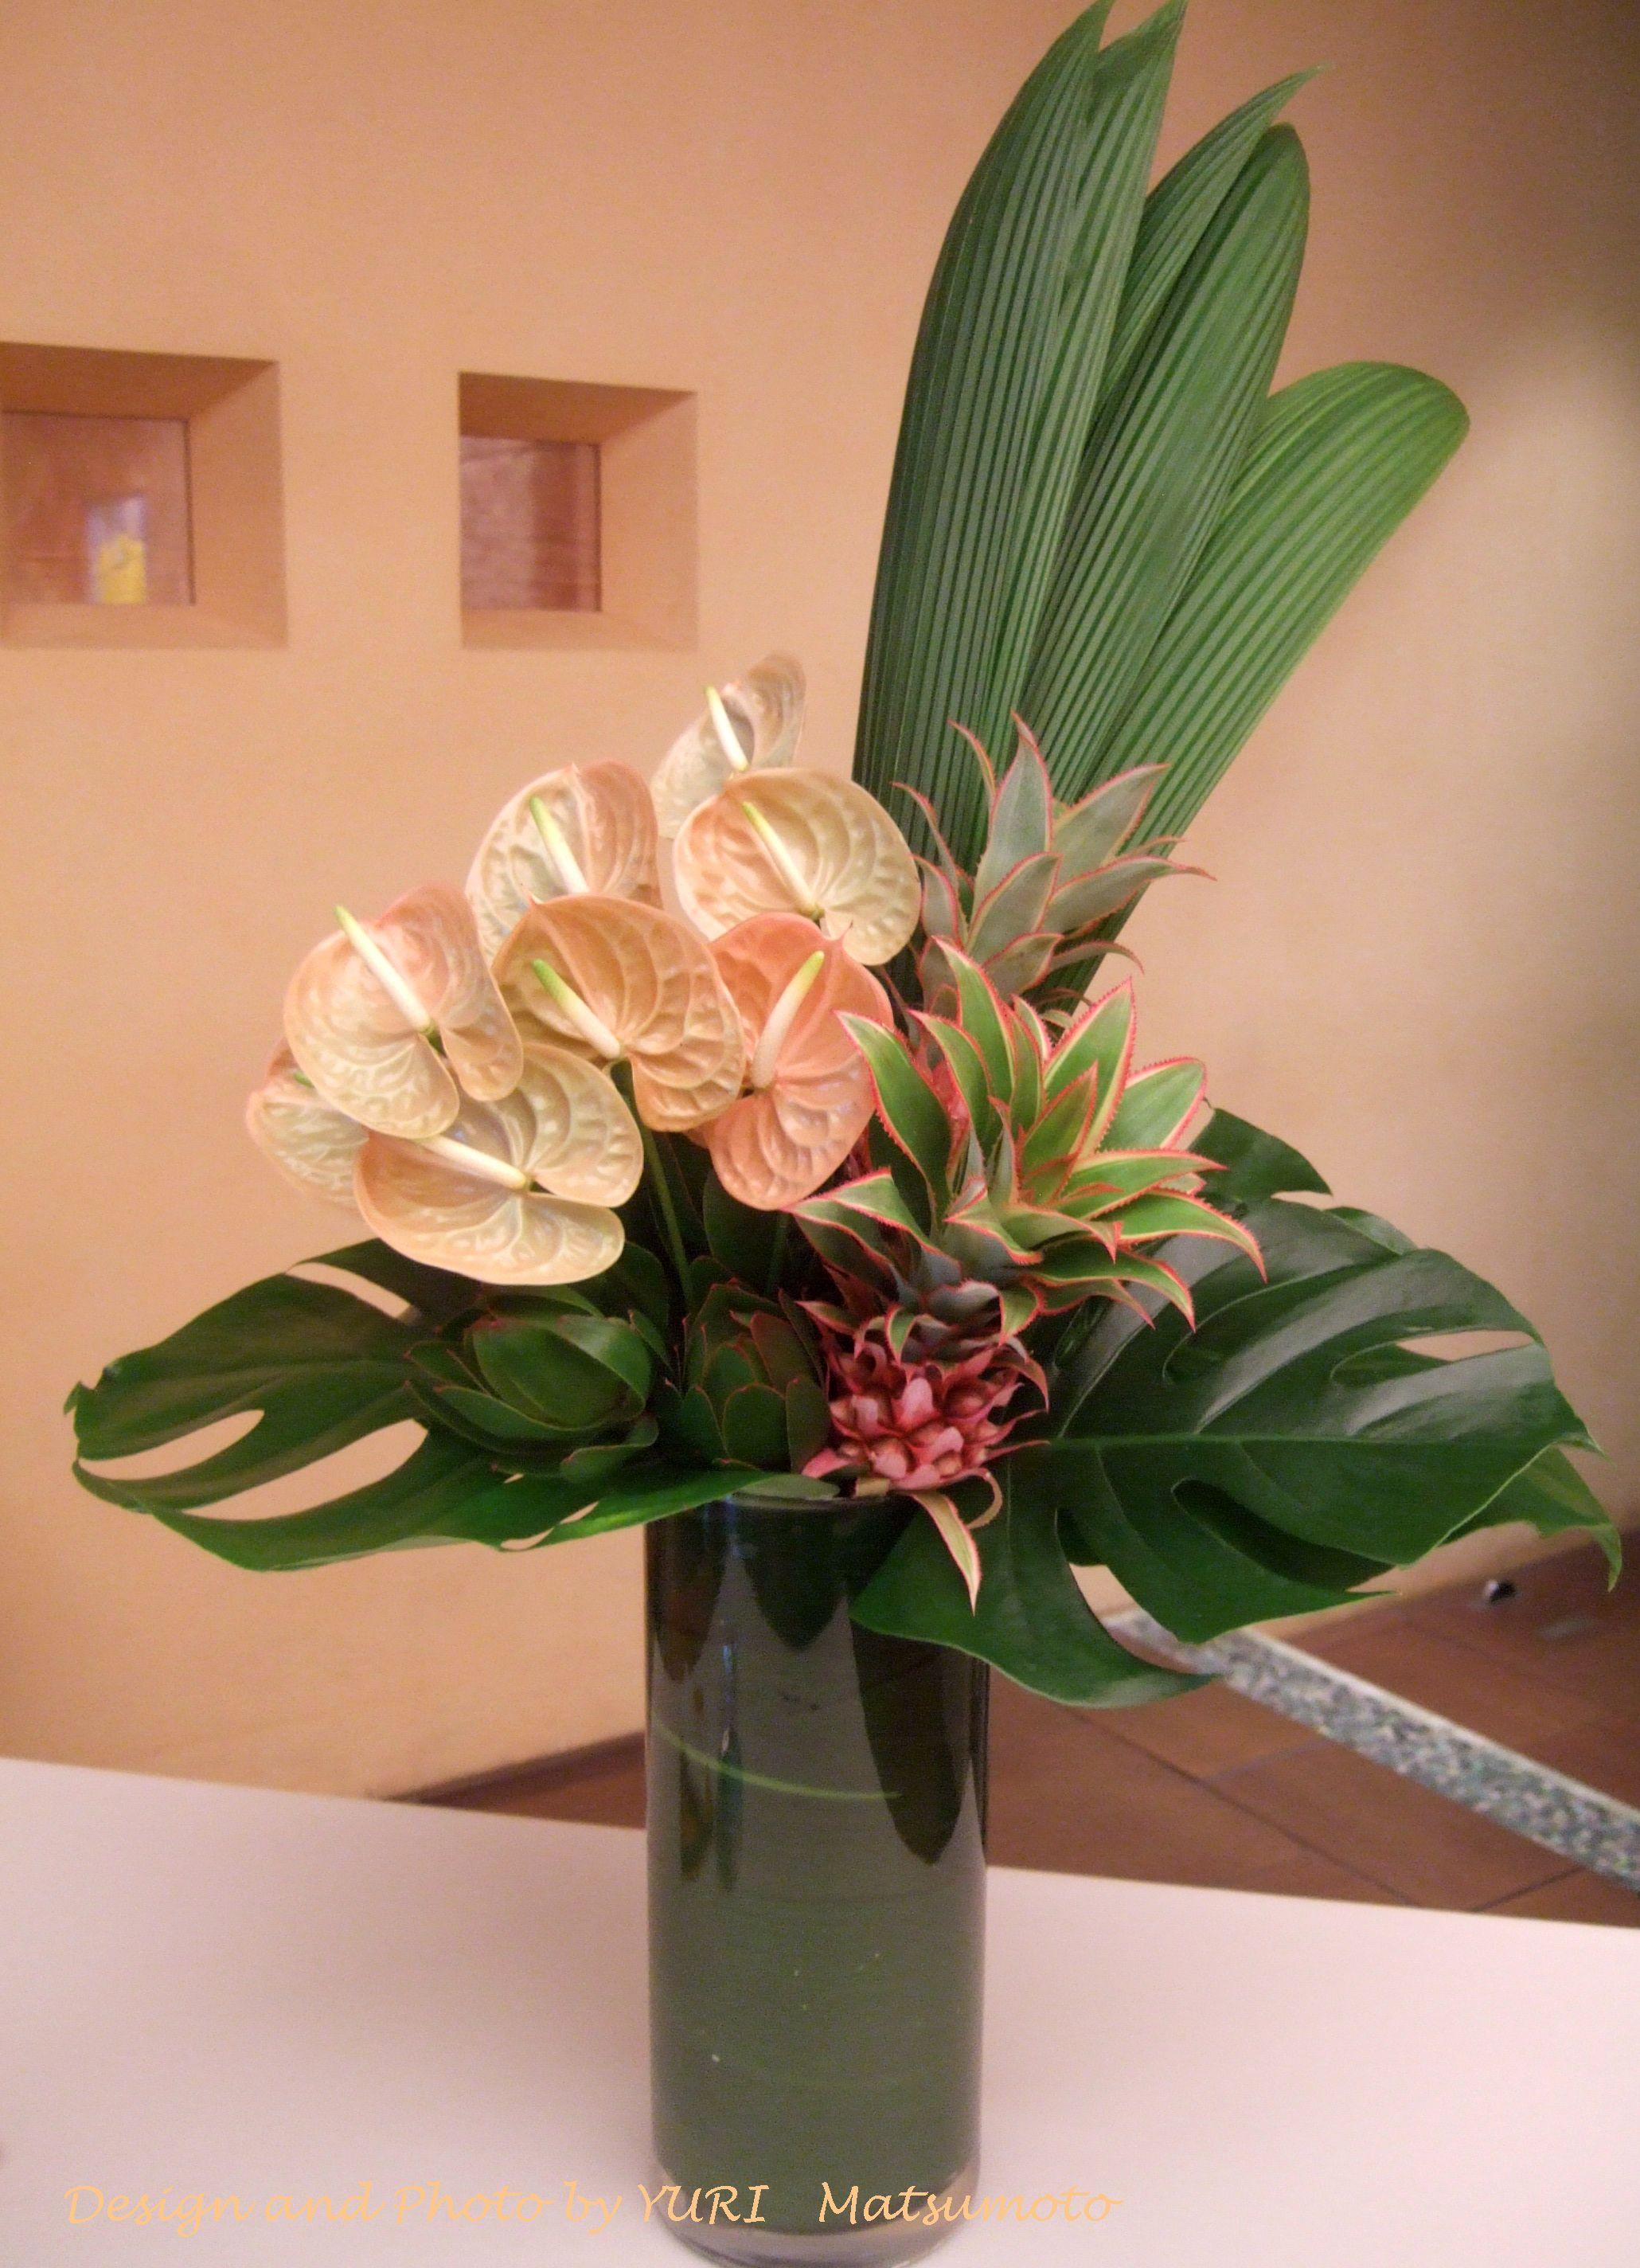 Anthurium And Pineapple Anthurium Arrangement Tropical Floral Arrangements Creative Flower Arrangements